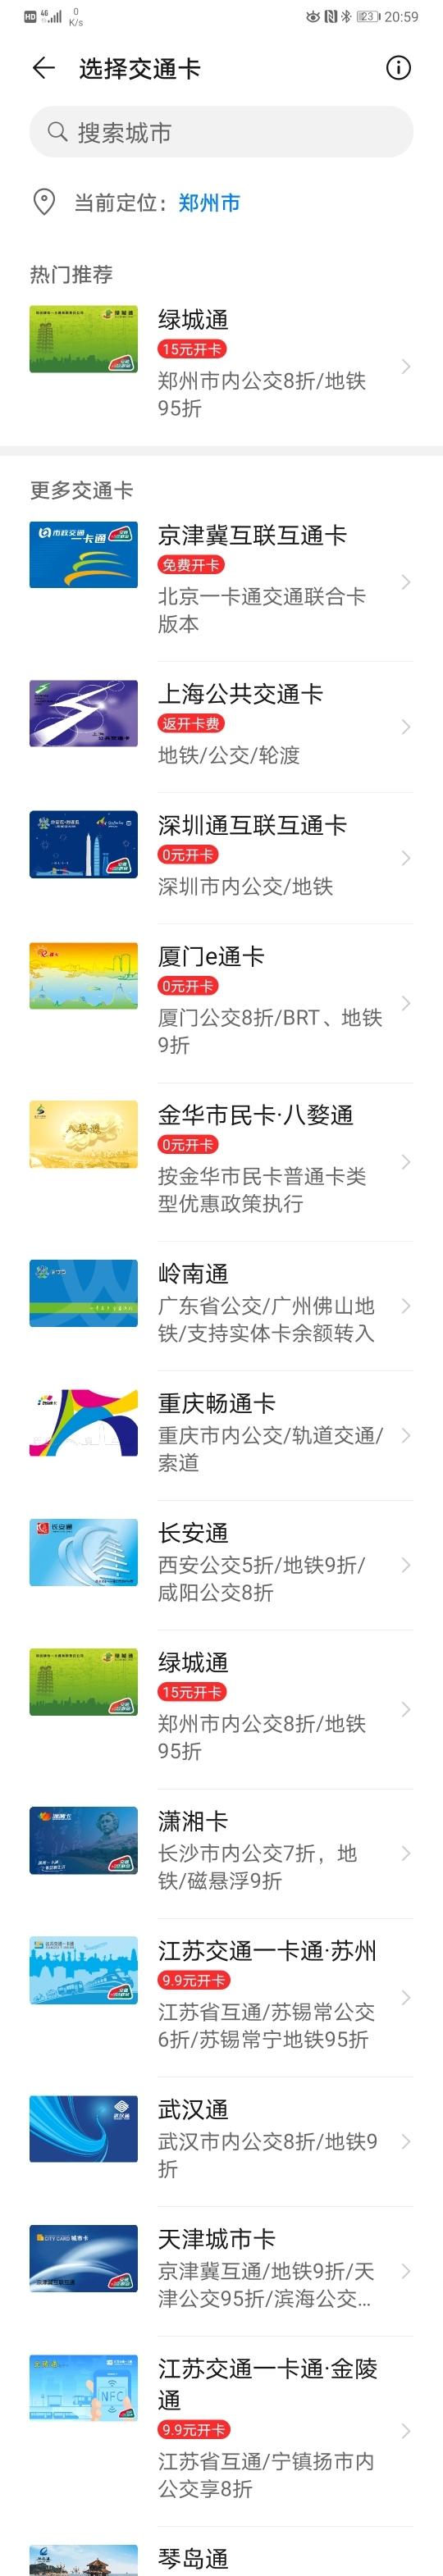 Screenshot_20200128_205926_com.huawei.wallet.jpg